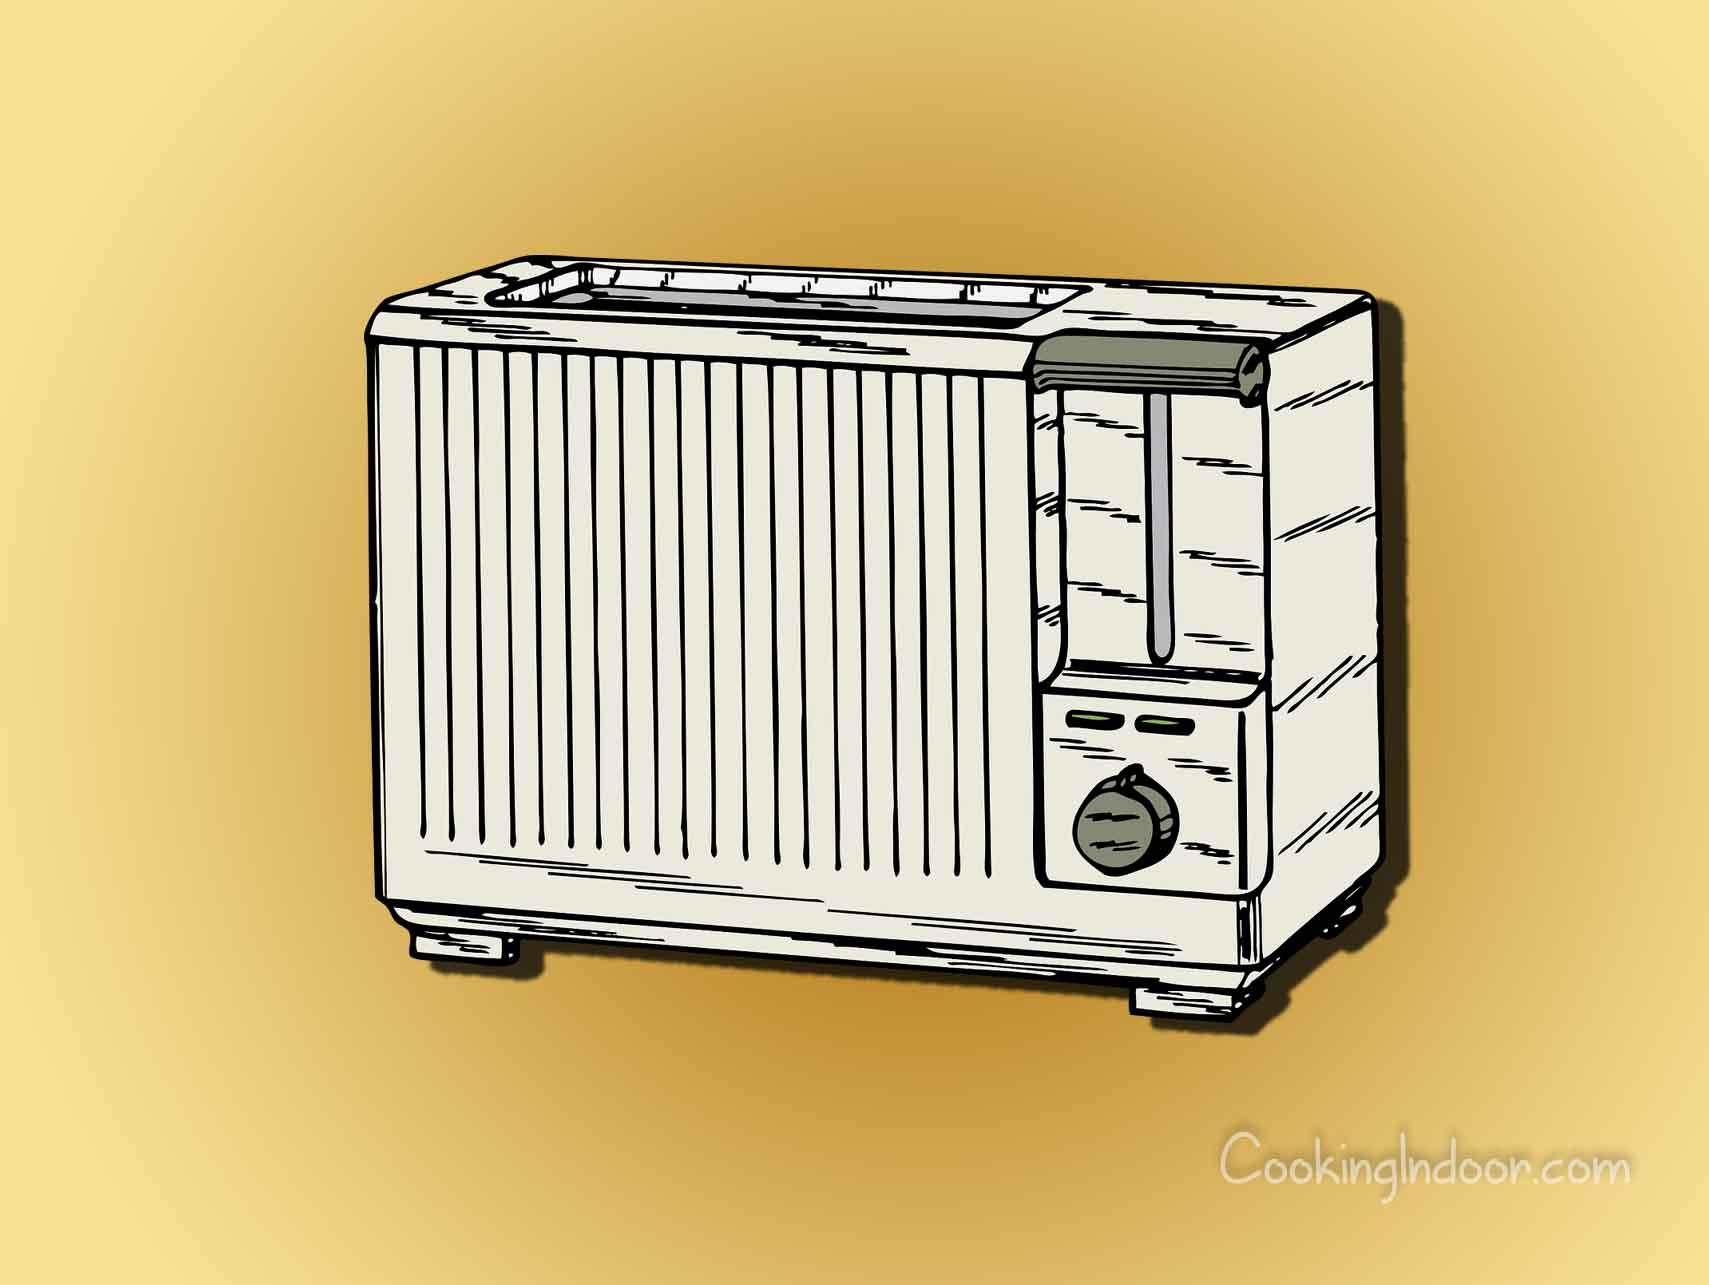 Toaster history